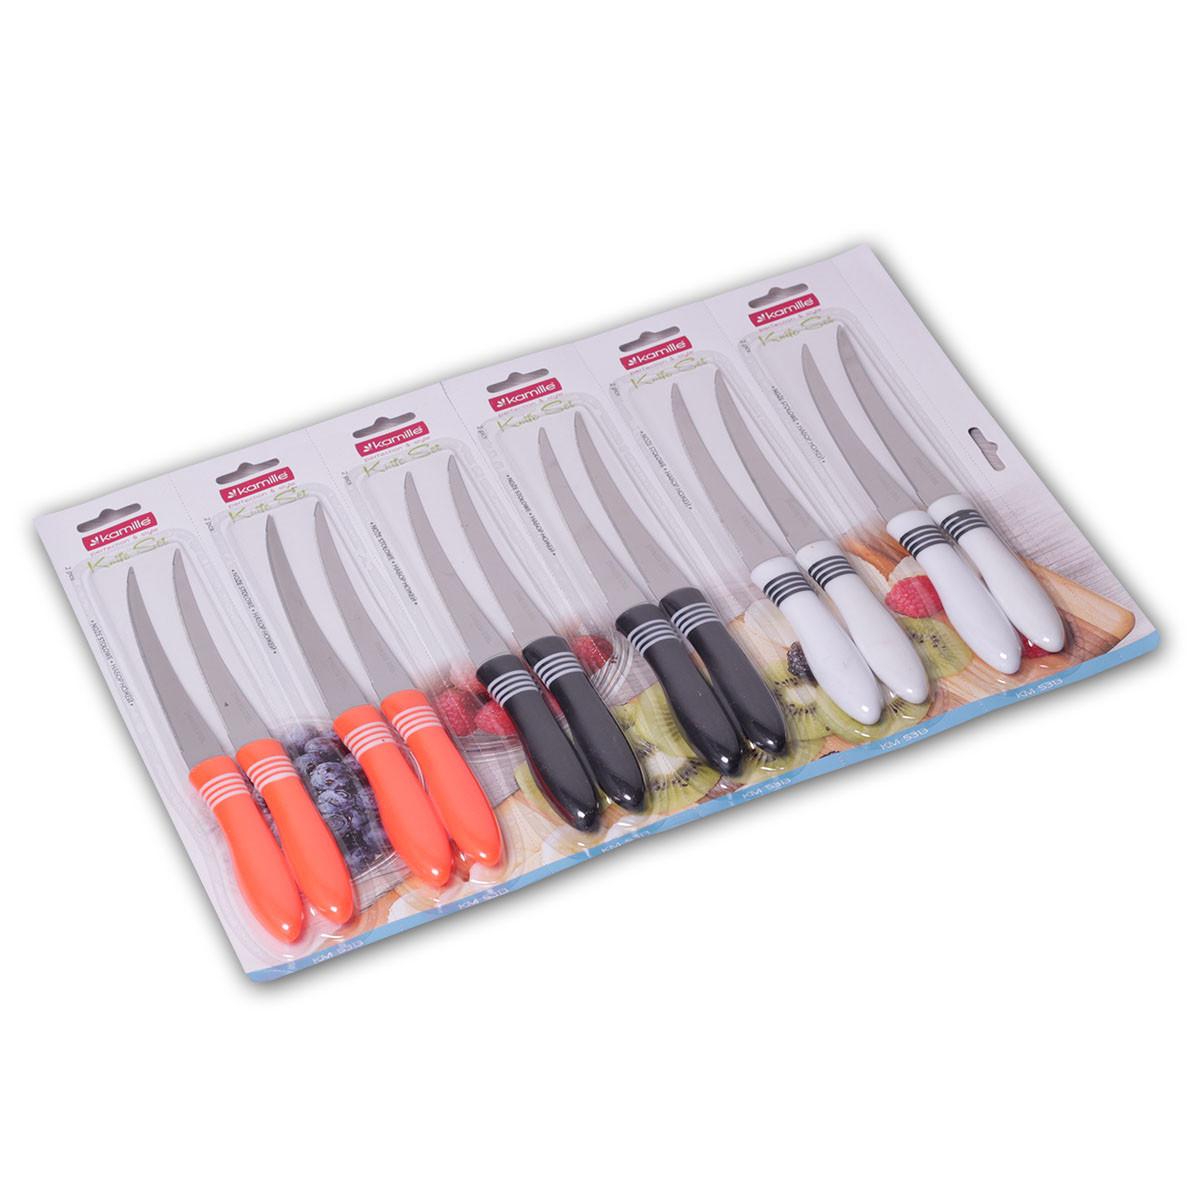 Набор ножей Kamille 12шт из нержавеющей стали с пластиковыми ручками